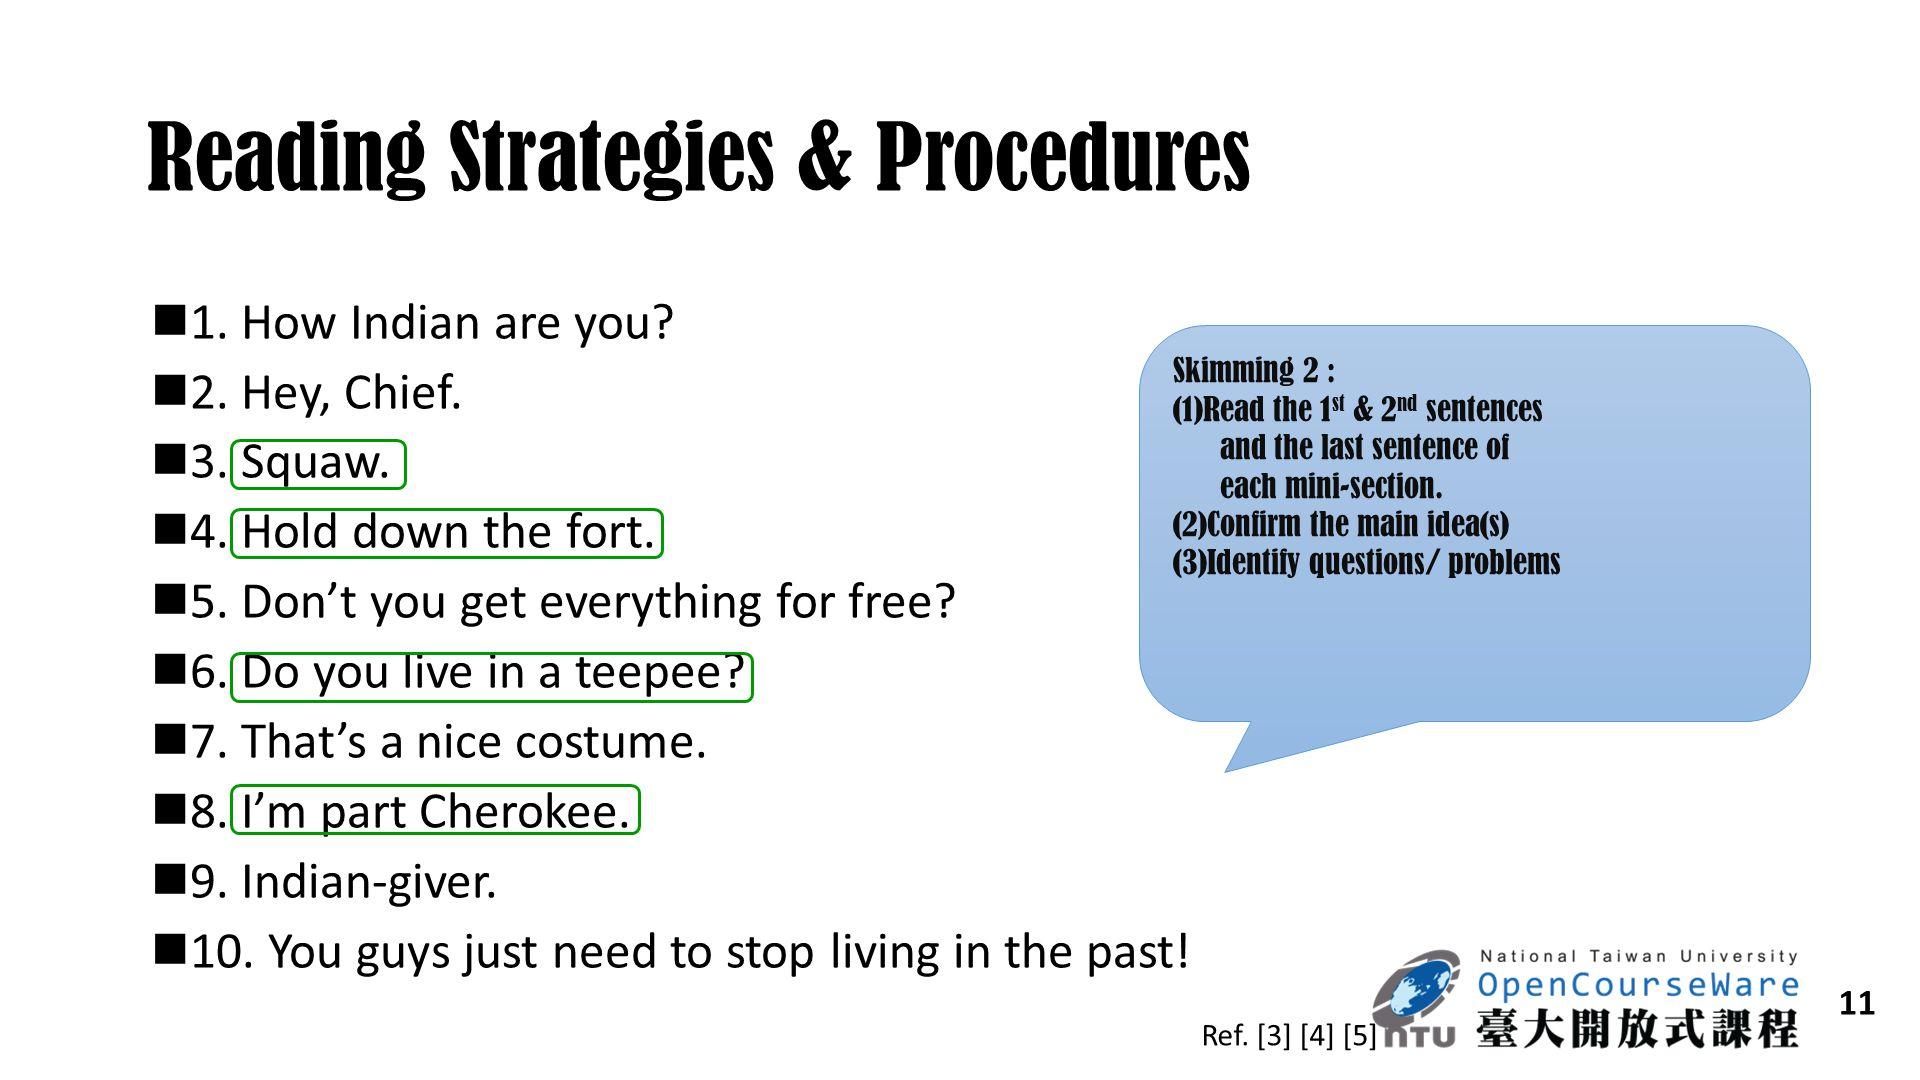 Reading Strategies & Procedures